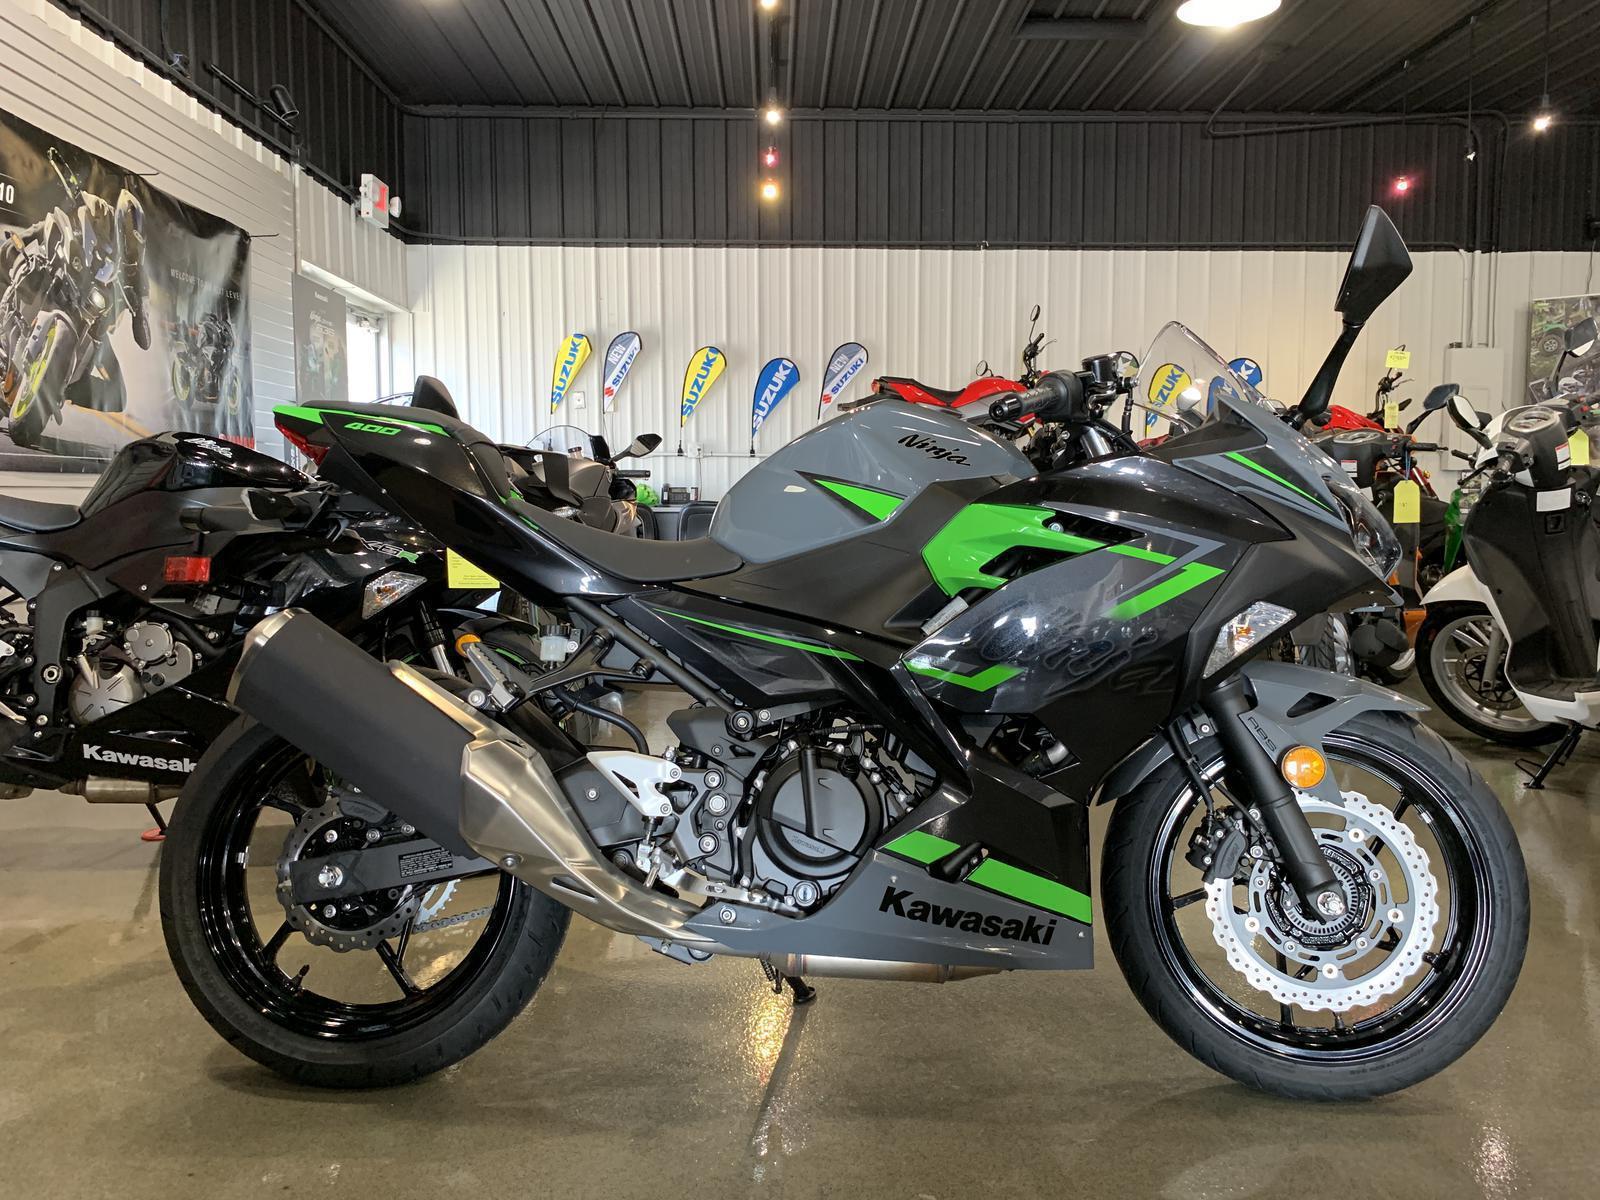 2019 Kawasaki Ex400gkf Ninja 400 Abs For Sale In Decatur Il